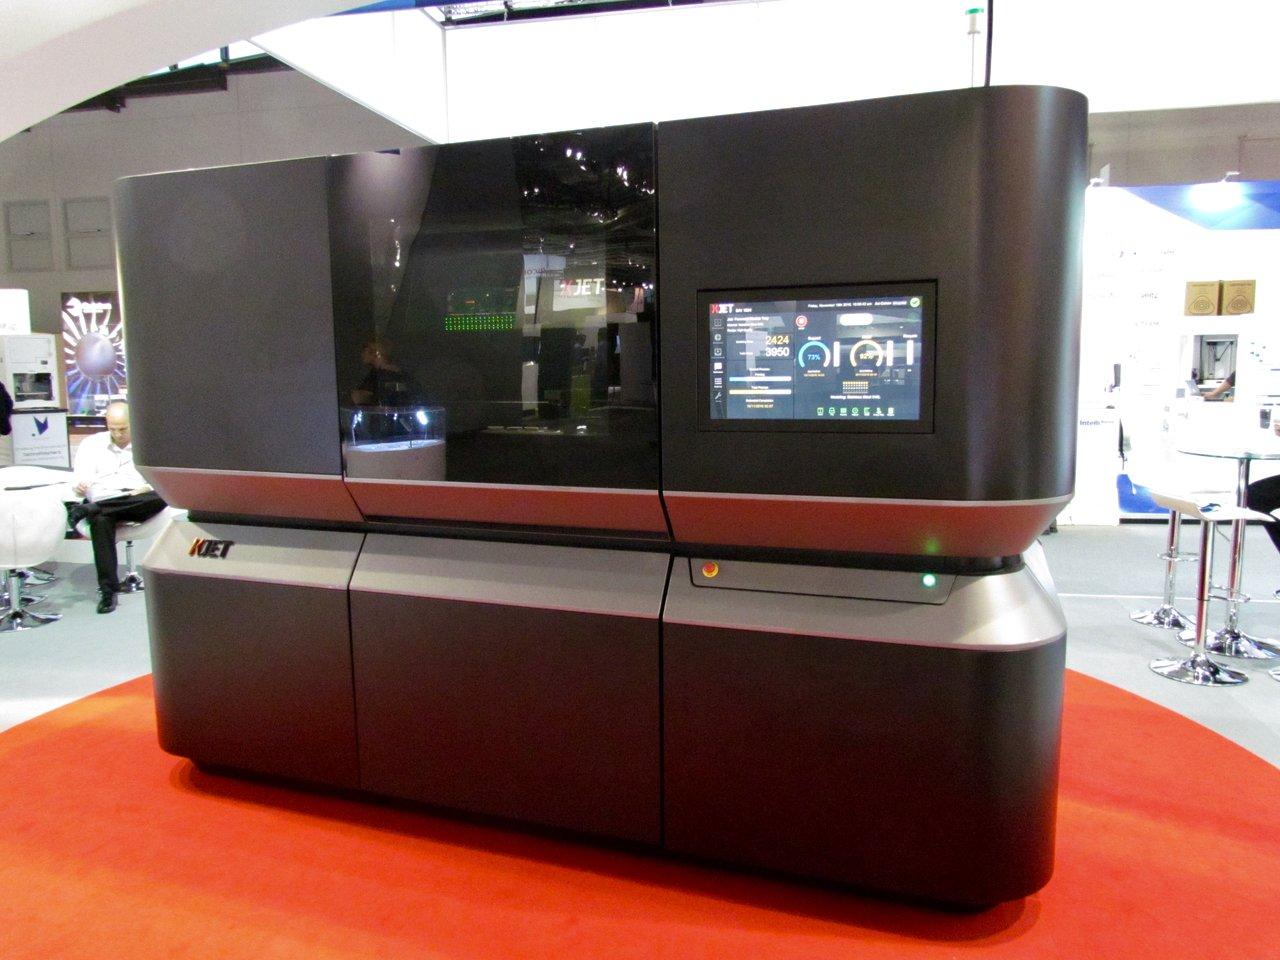 Xjet's 3D metal printer